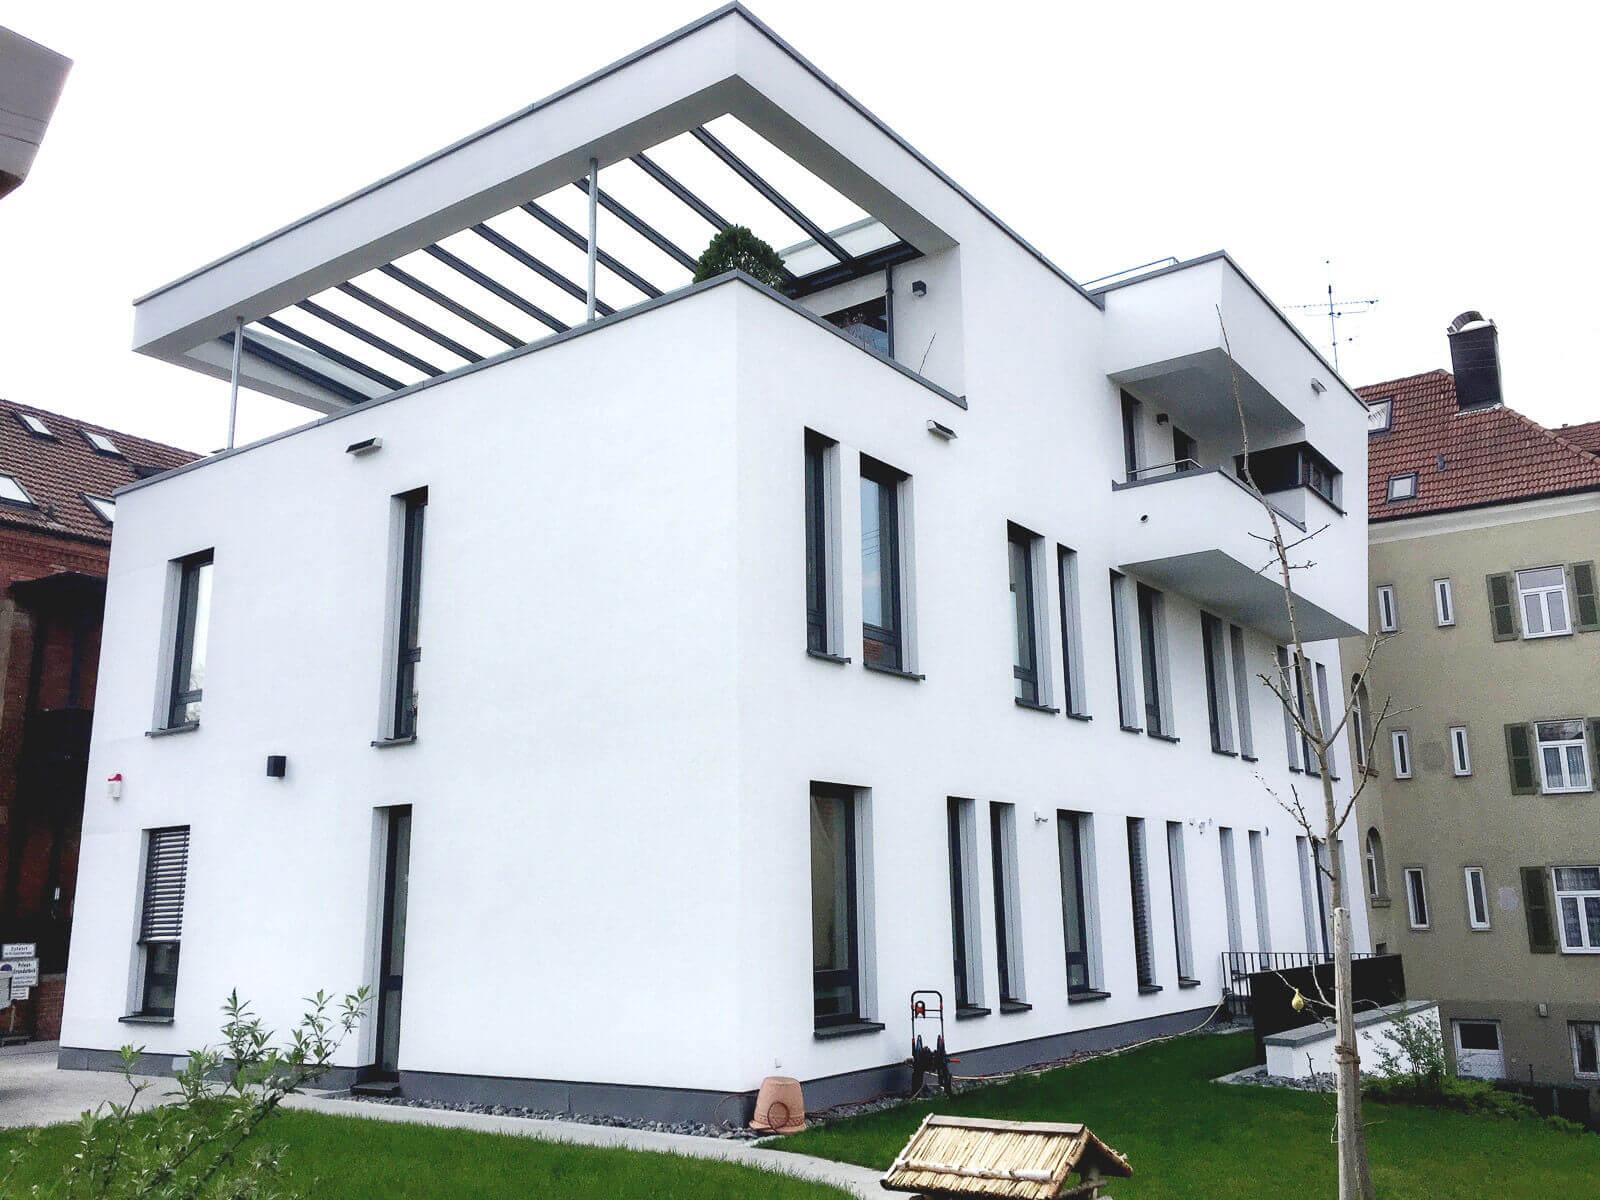 Rückseite des Ärztehauses in Ludwigsburg